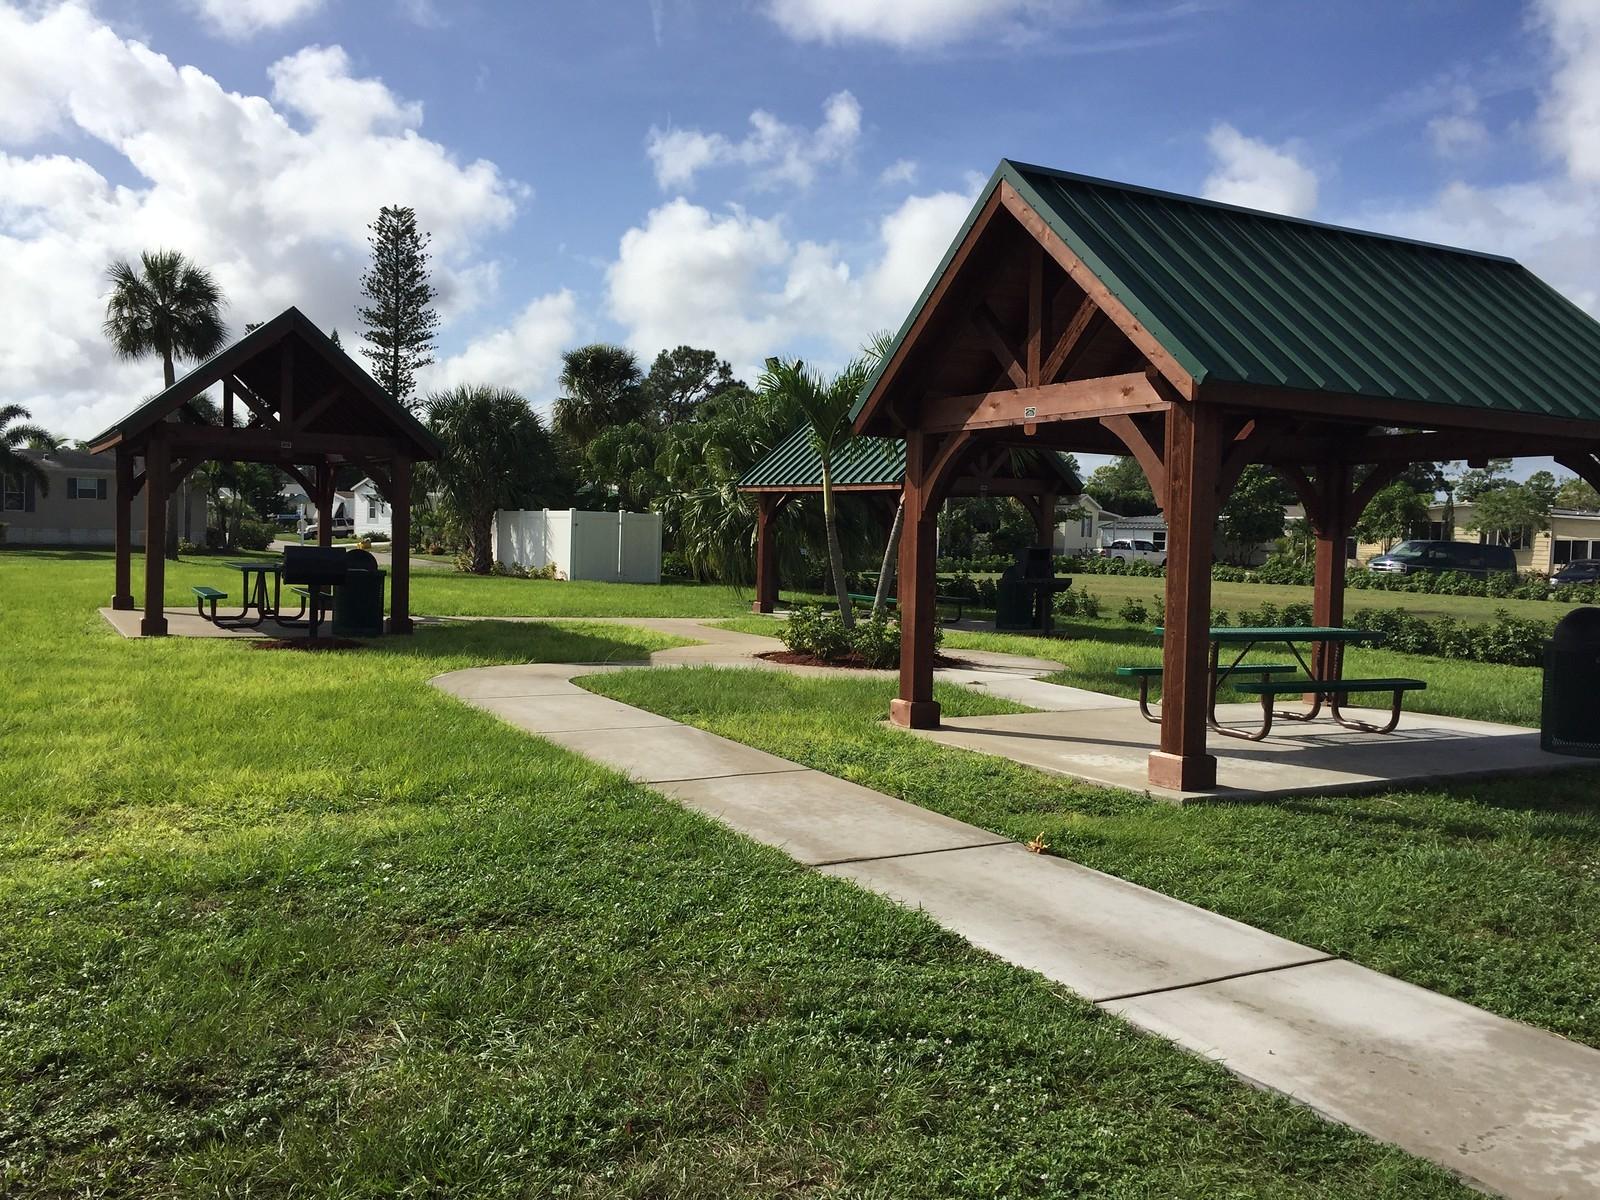 Lake Worth Village image 3